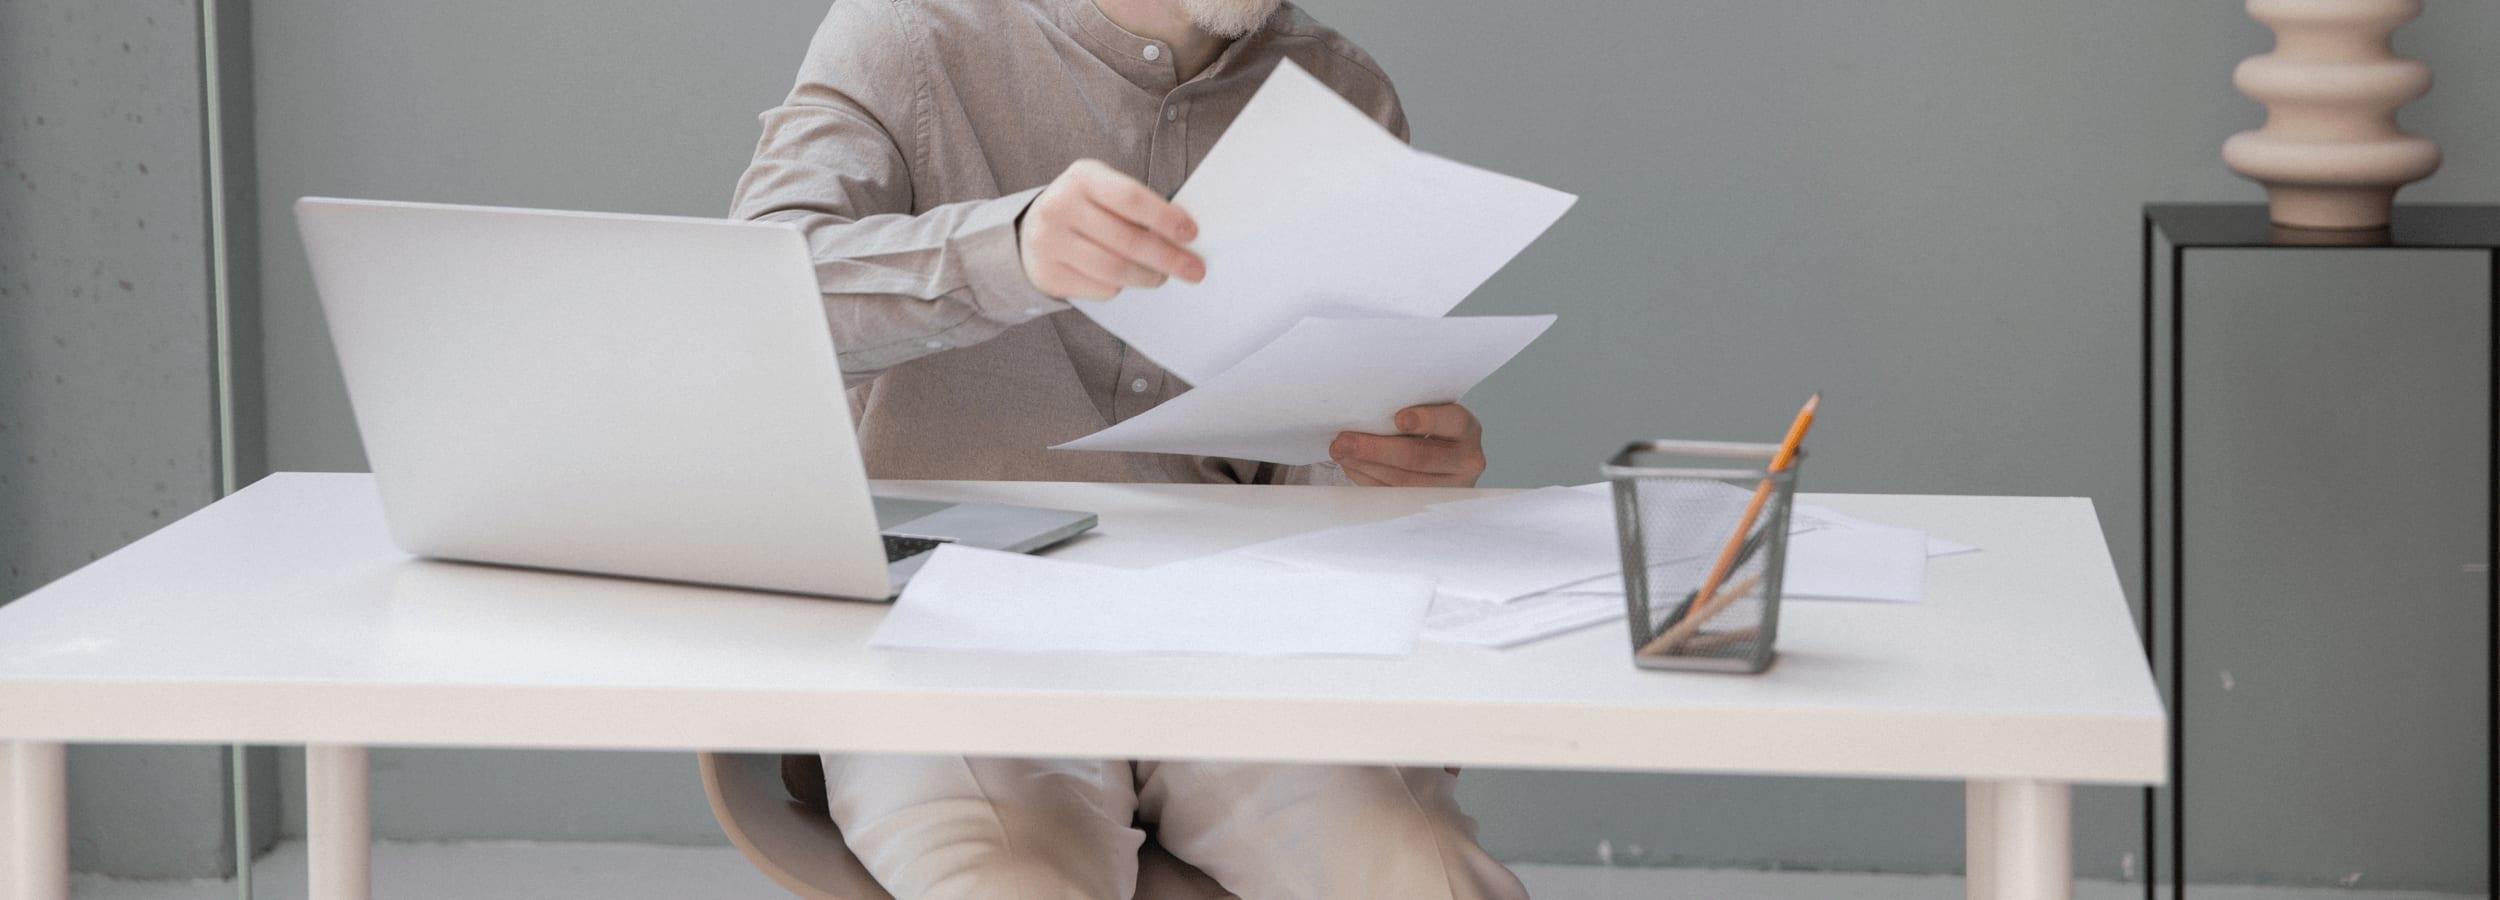 Créer une entreprise individuelle en Belgique : les étapes clés.